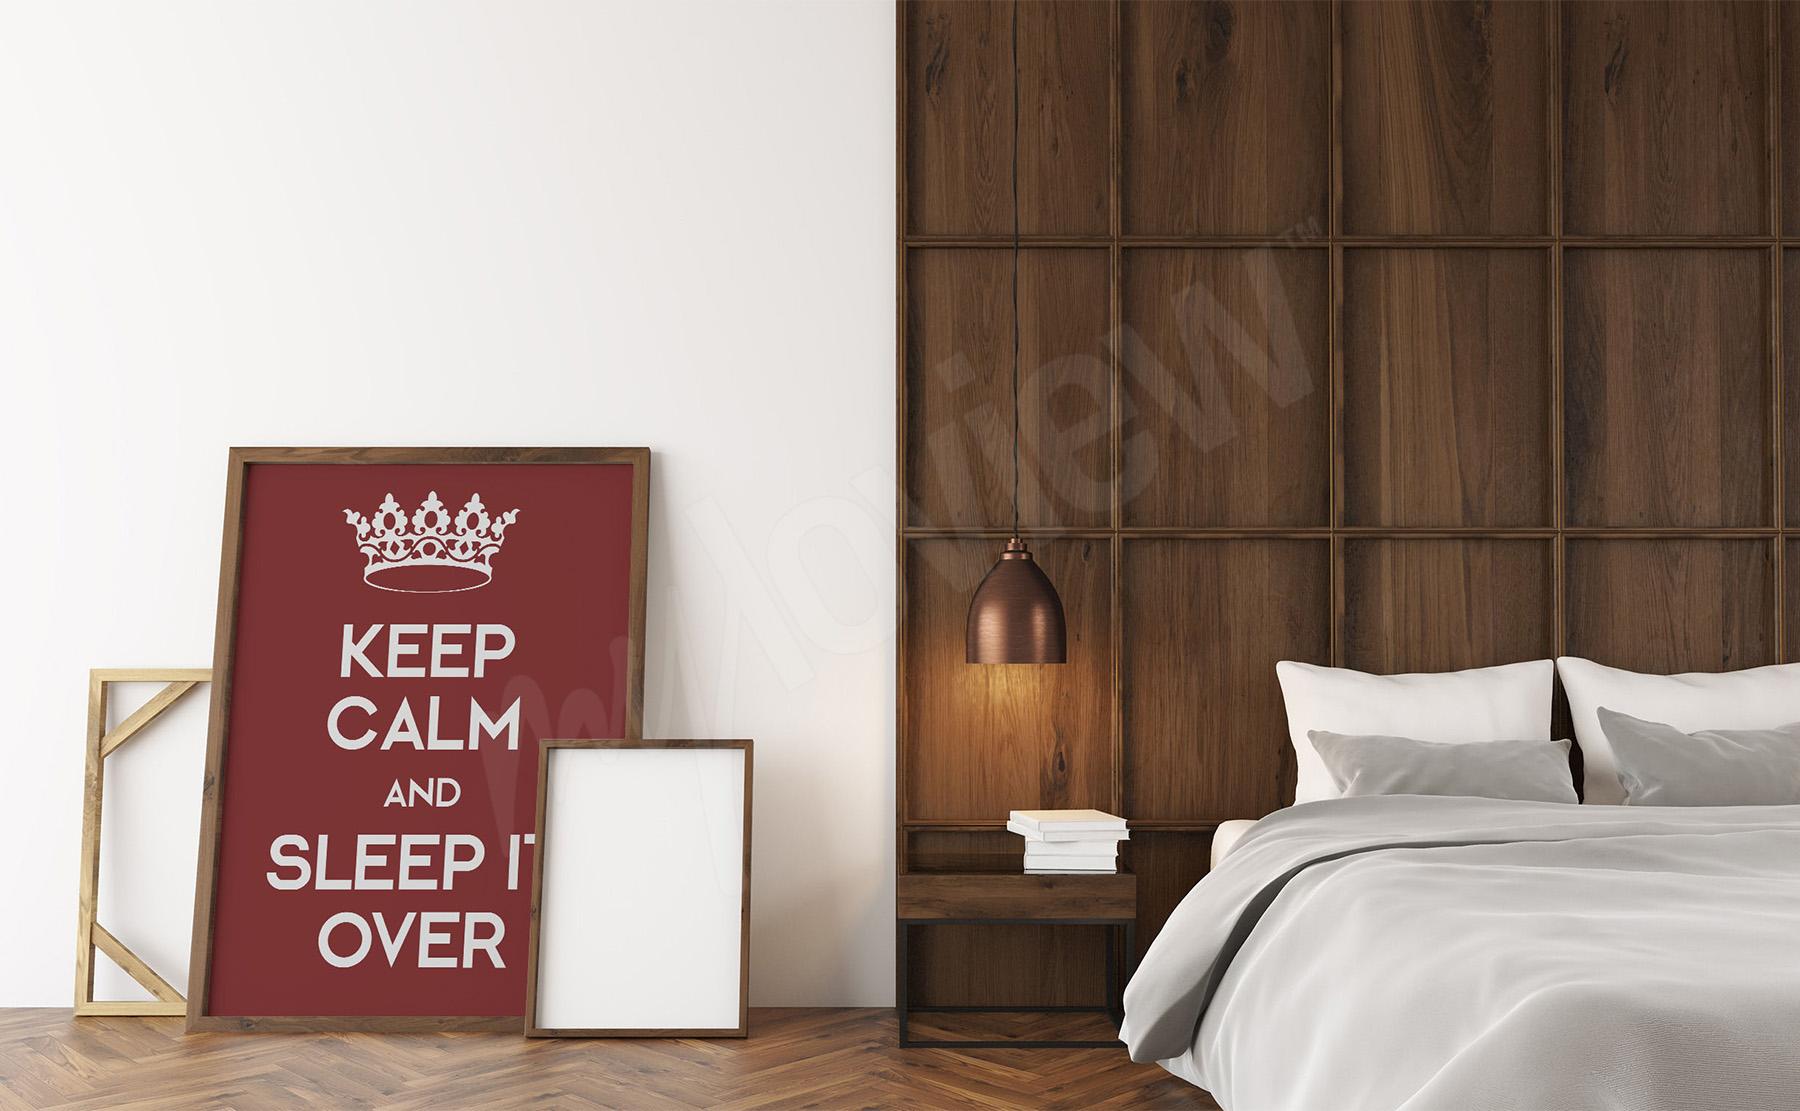 Wonderful Poster Fur Schlafzimmer #10: Zum Produkt · Poster Im Schlafzimmer Mit Typografie